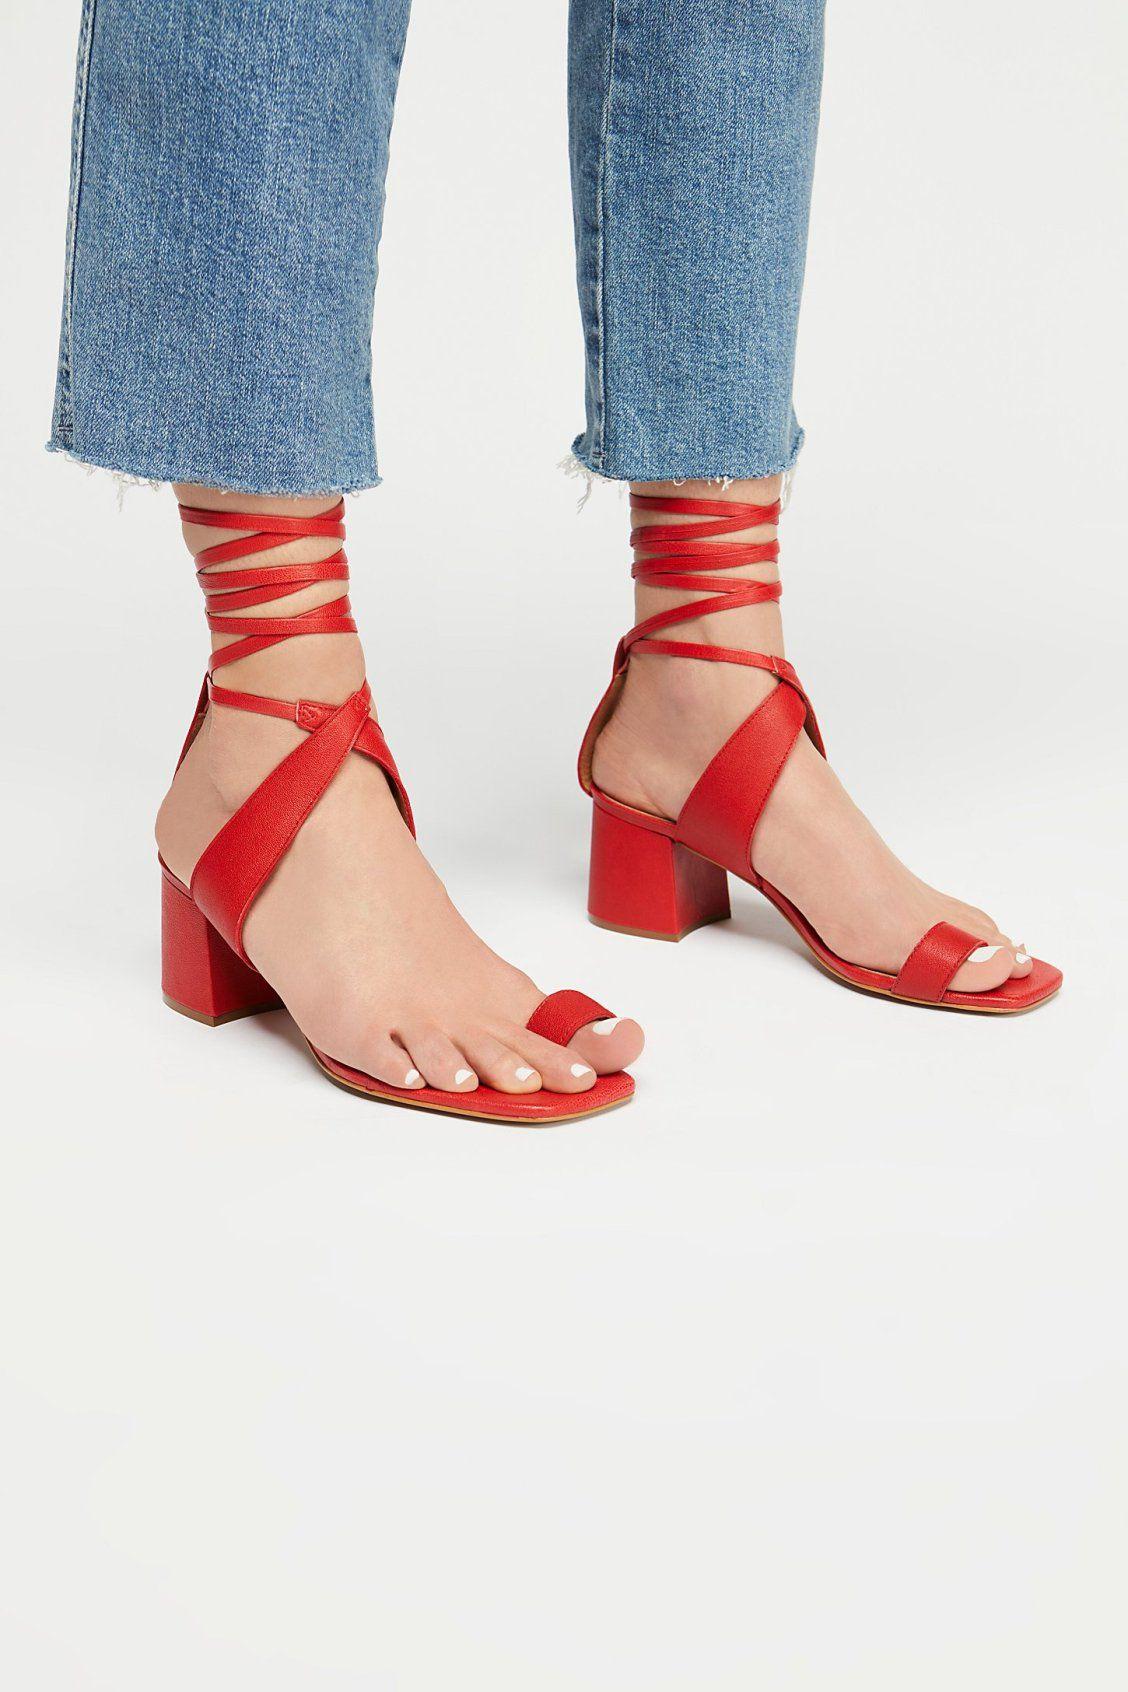 292862ee62a4 Laci Heel | Free People Toe Loop Sandals, Beautiful Shoes, Toe Rings, Shoe